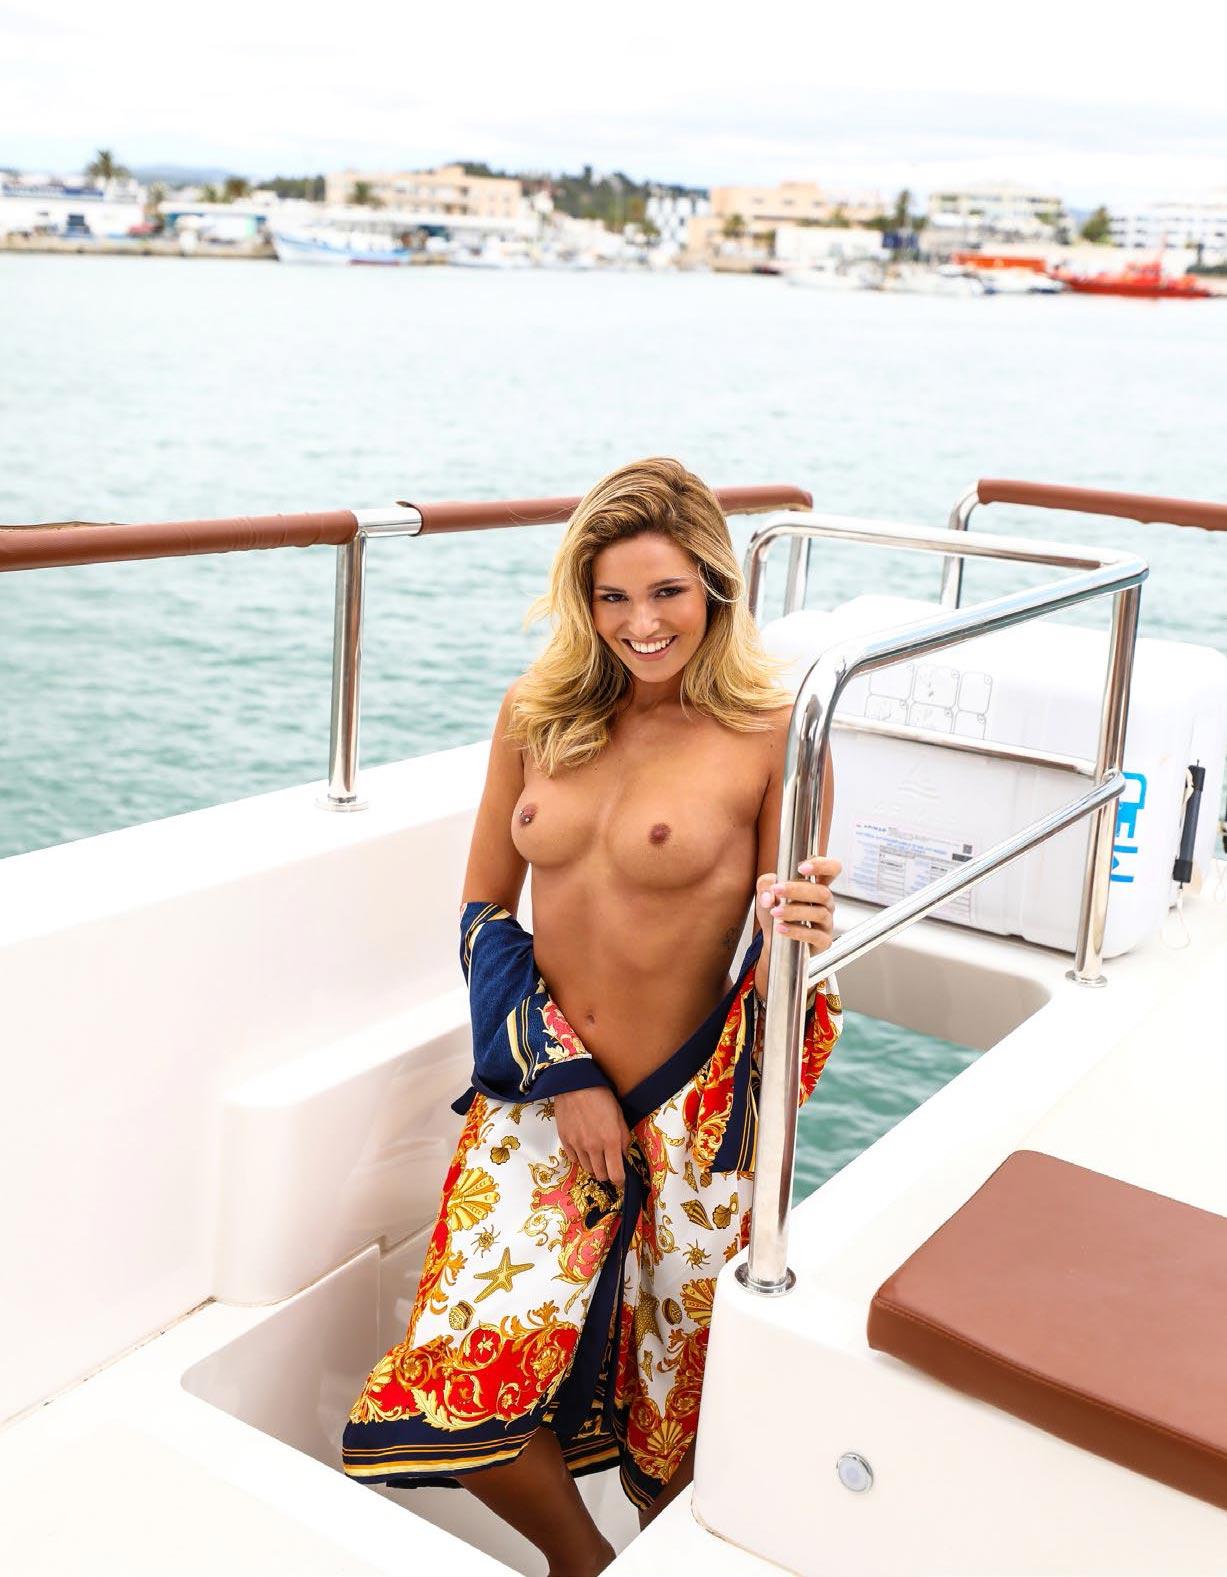 Софи Имельманн в спецвыпуске журнала Playboy -Девушки летом- / фото 01